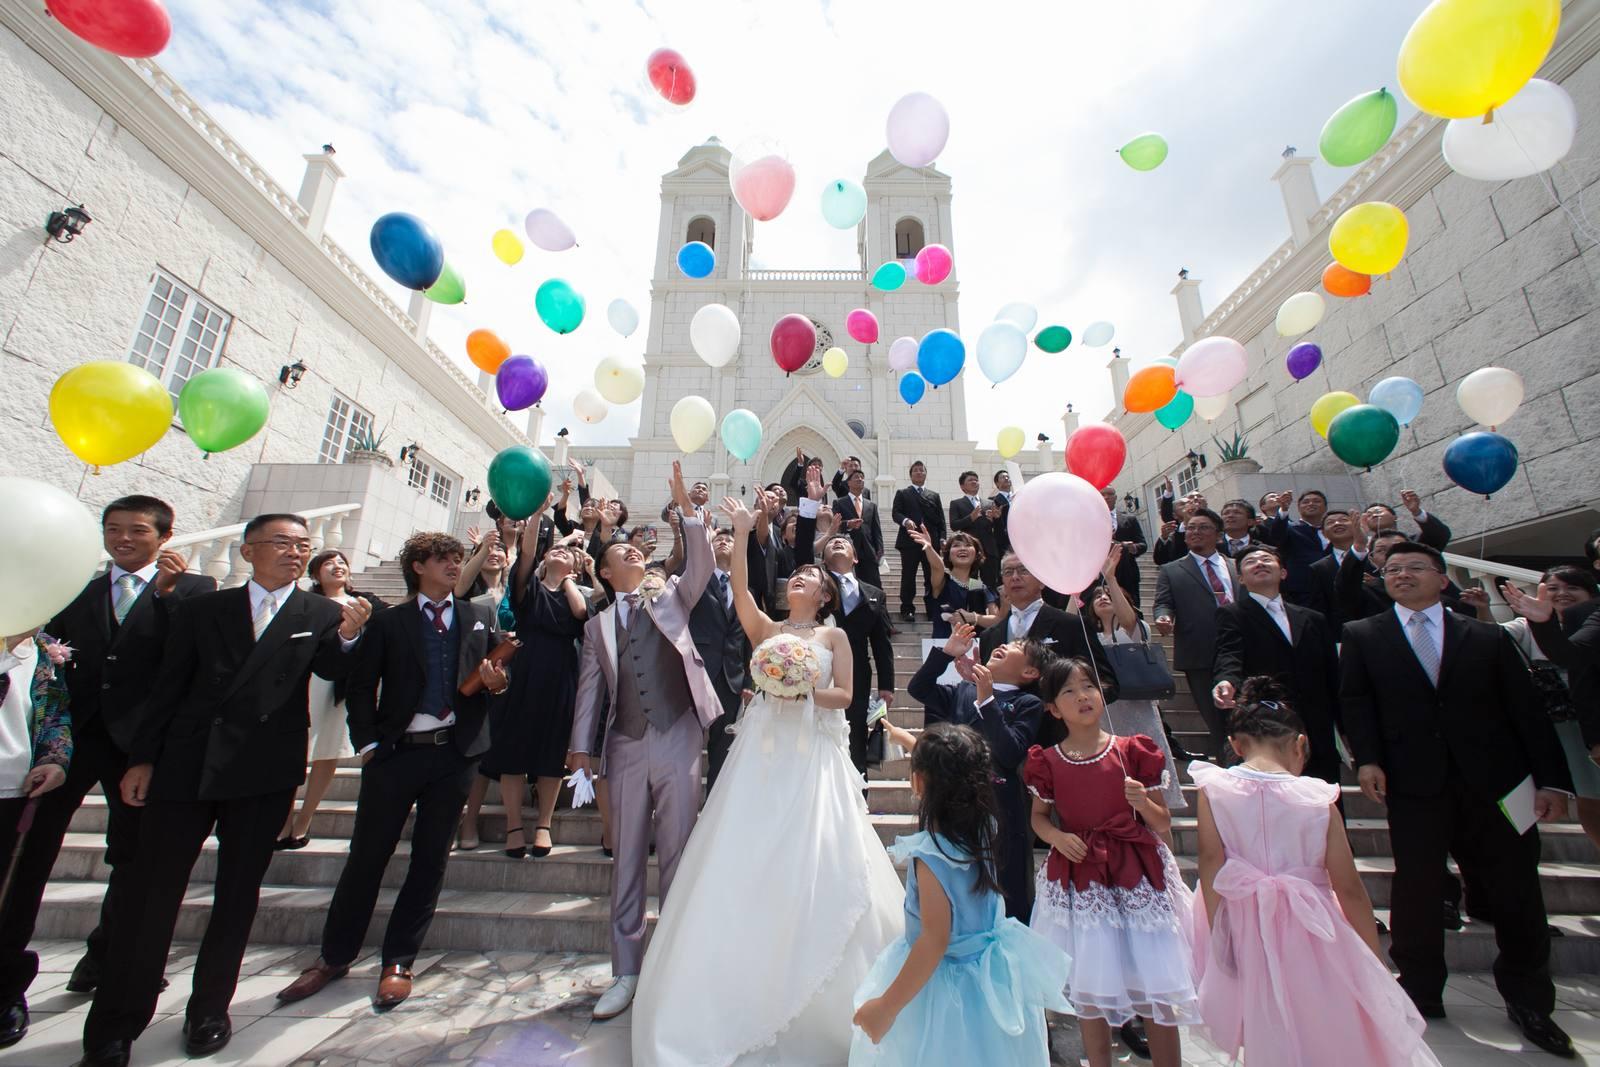 香川県高松市の結婚式場シェルエメール&アイスタイル バルーンリリース